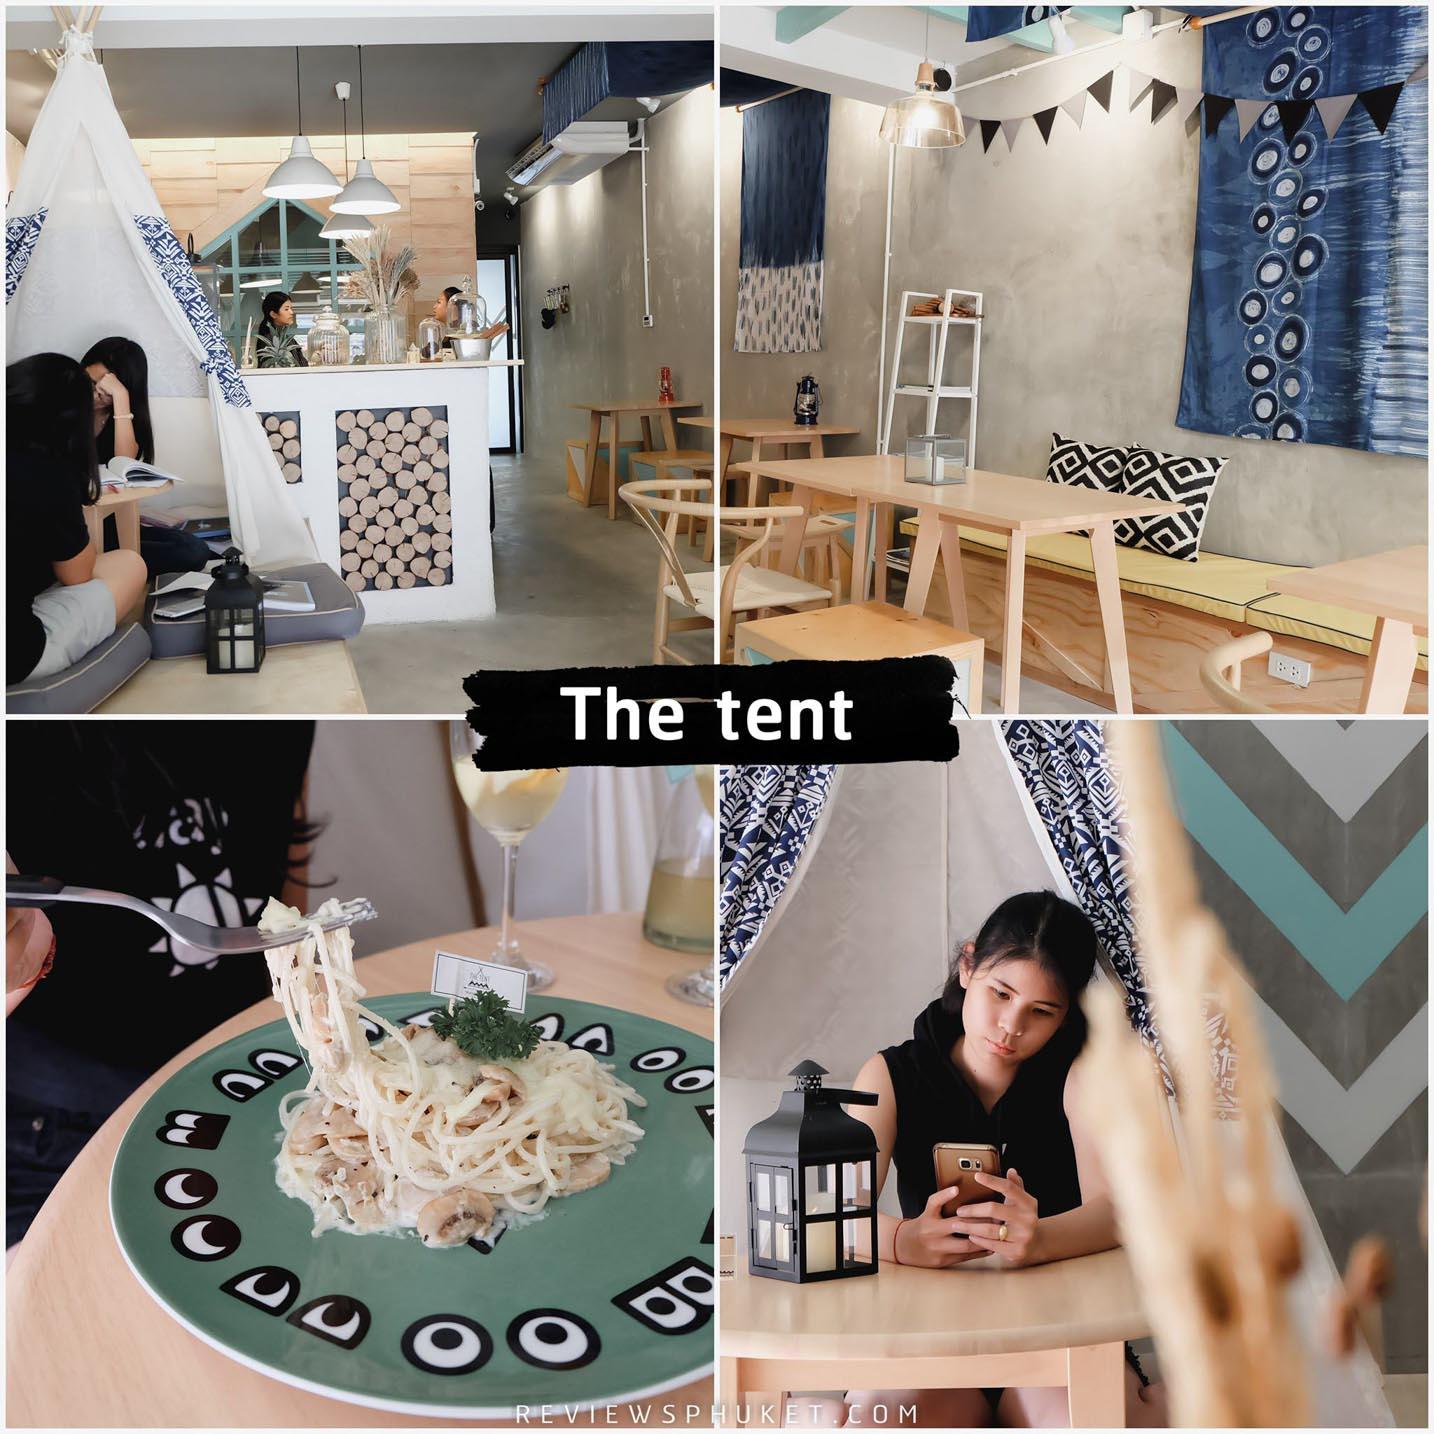 The tent ร้านเก๋ๆ ตกแต่งน่ารักบรรยากาศร้านดี เมนูอาหารมีให้เลือกเพียบบ 10/10!